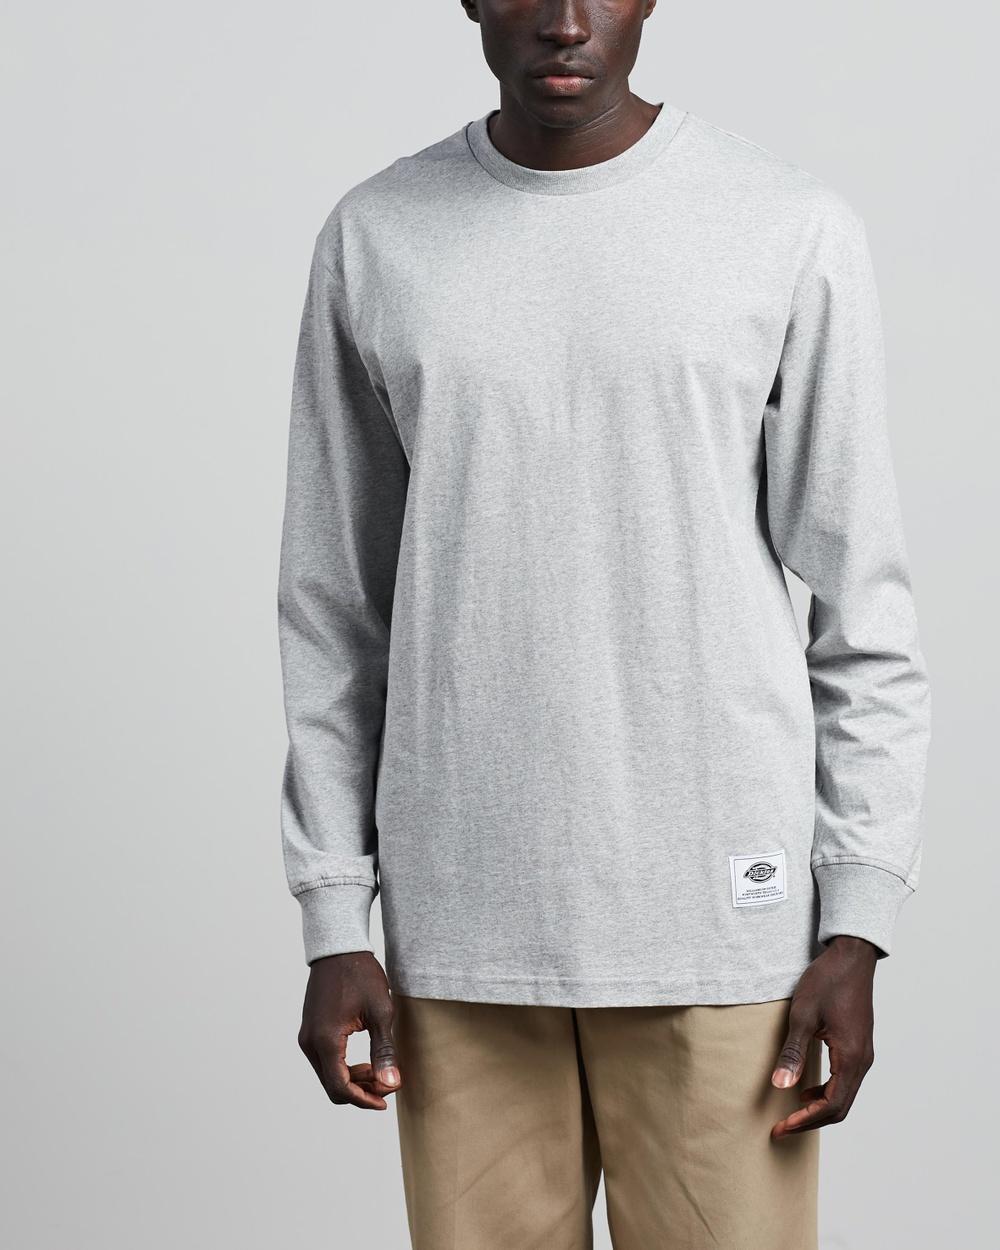 Dickies - Inez Long Sleeve Tee - T-Shirts & Singlets (Grey Marle) Inez Long Sleeve Tee